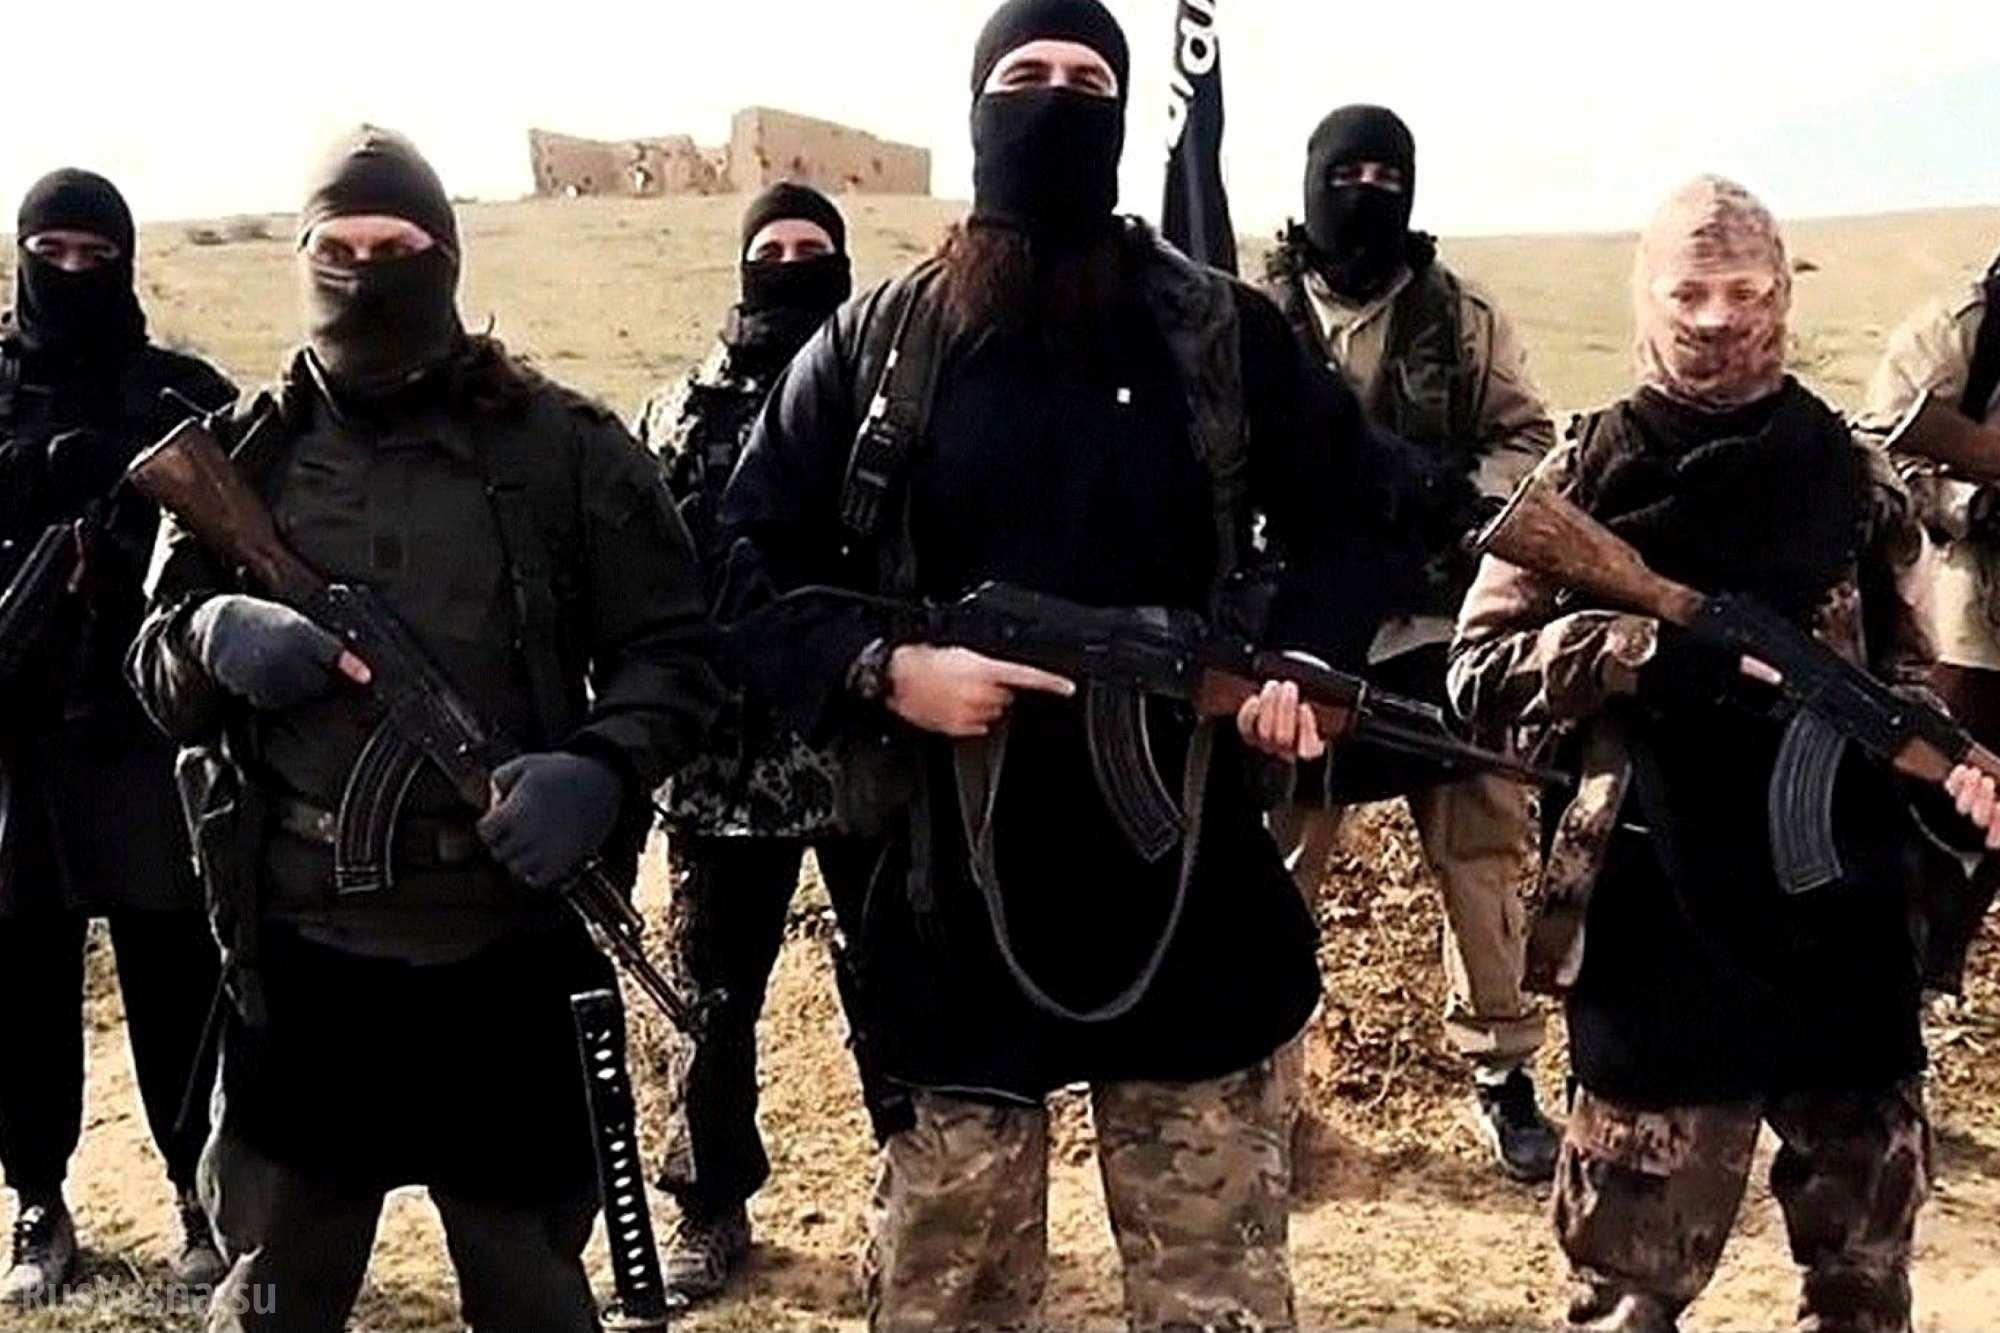 Смертник устроил взрыв увоенного лагеря вЙемене, погибли 5 человек